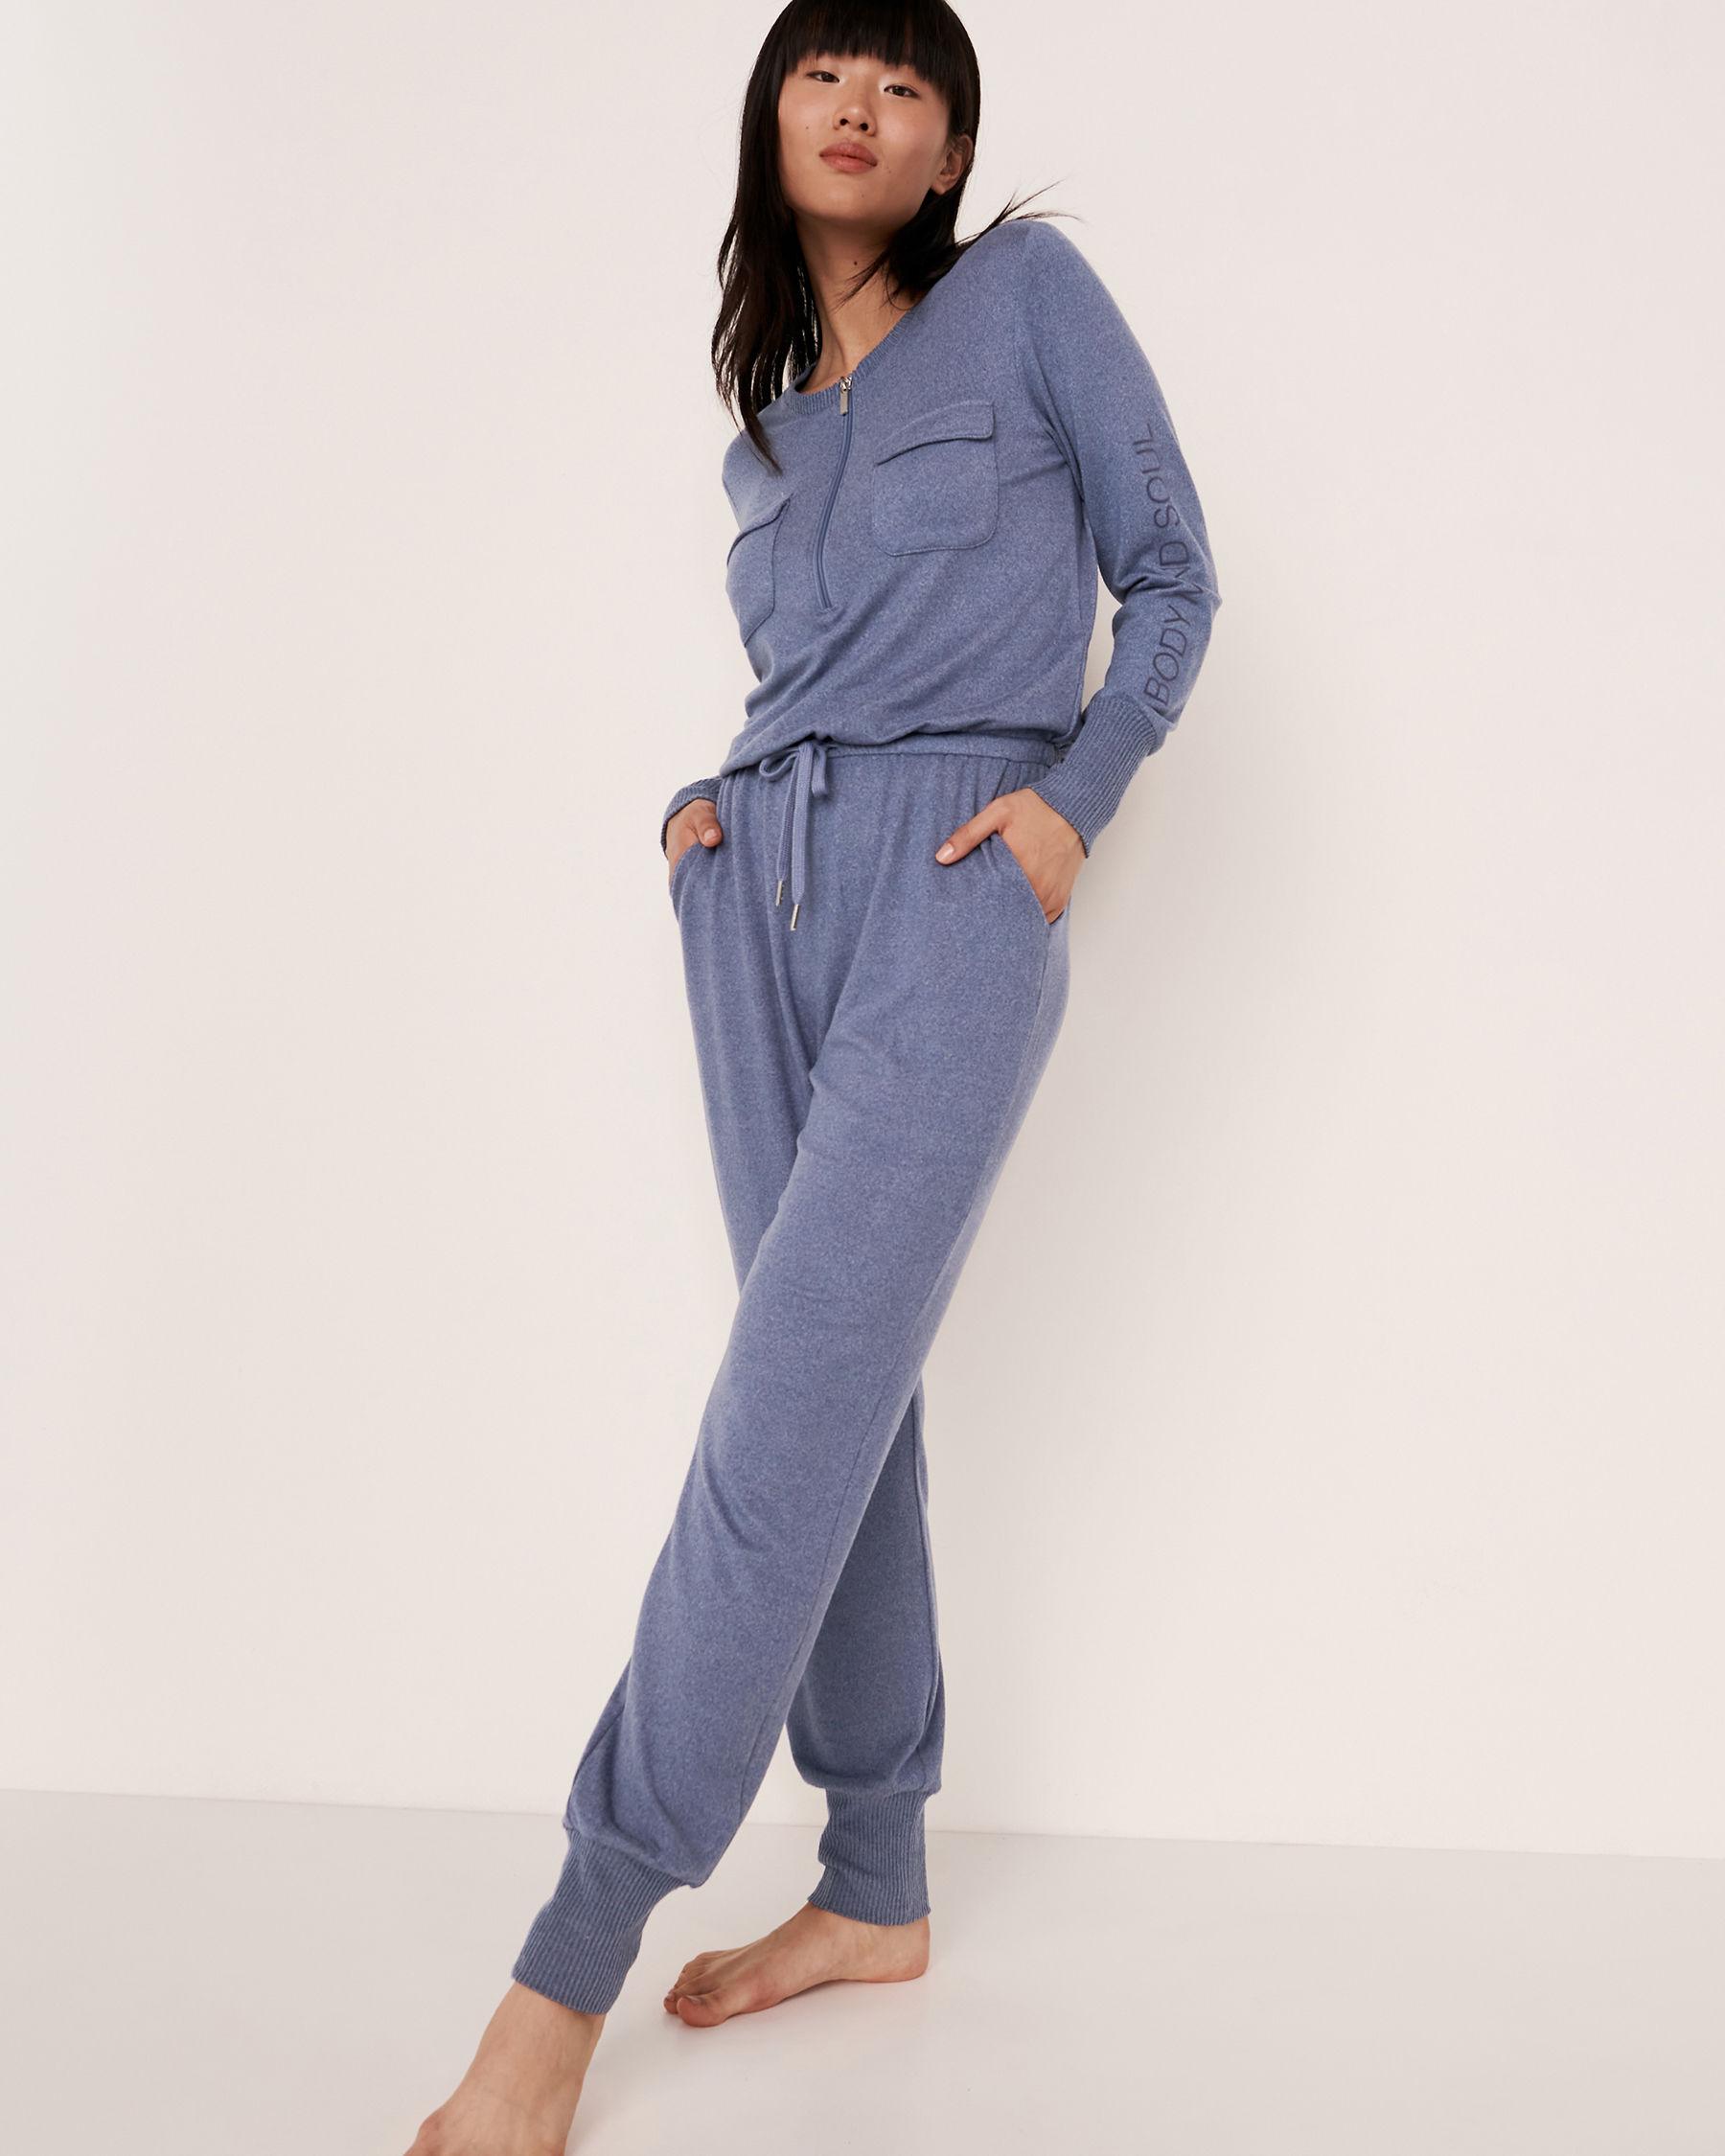 LA VIE EN ROSE Combinaison longue fermeture éclair en tricot doux Mélange bleu jeans 50300004 - Voir2